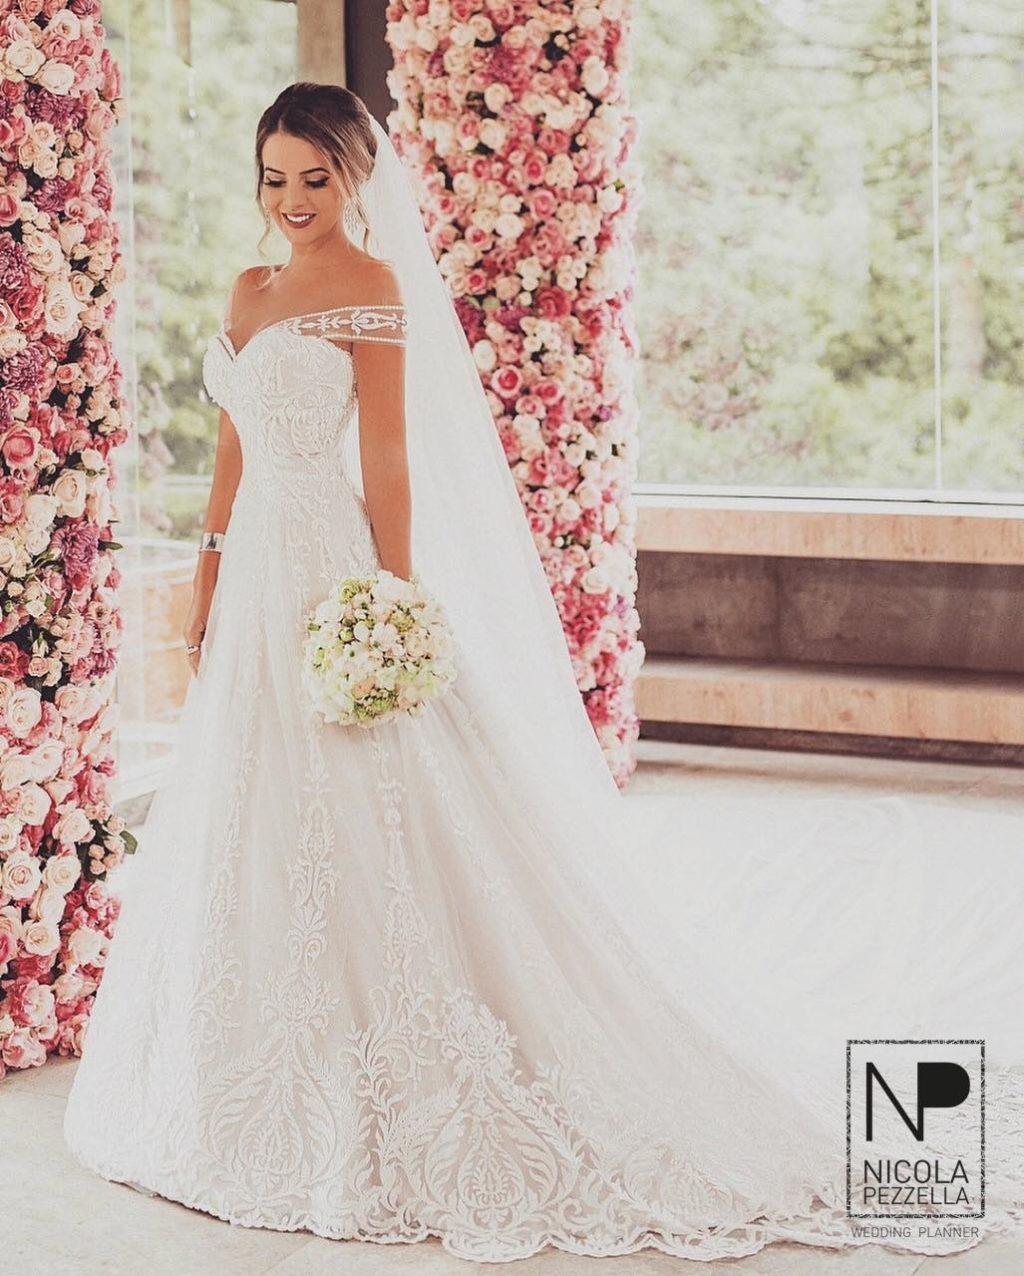 abito-da-sposa-perfetto-2019-matrimonio-nicola-pezzella-weddding-planner